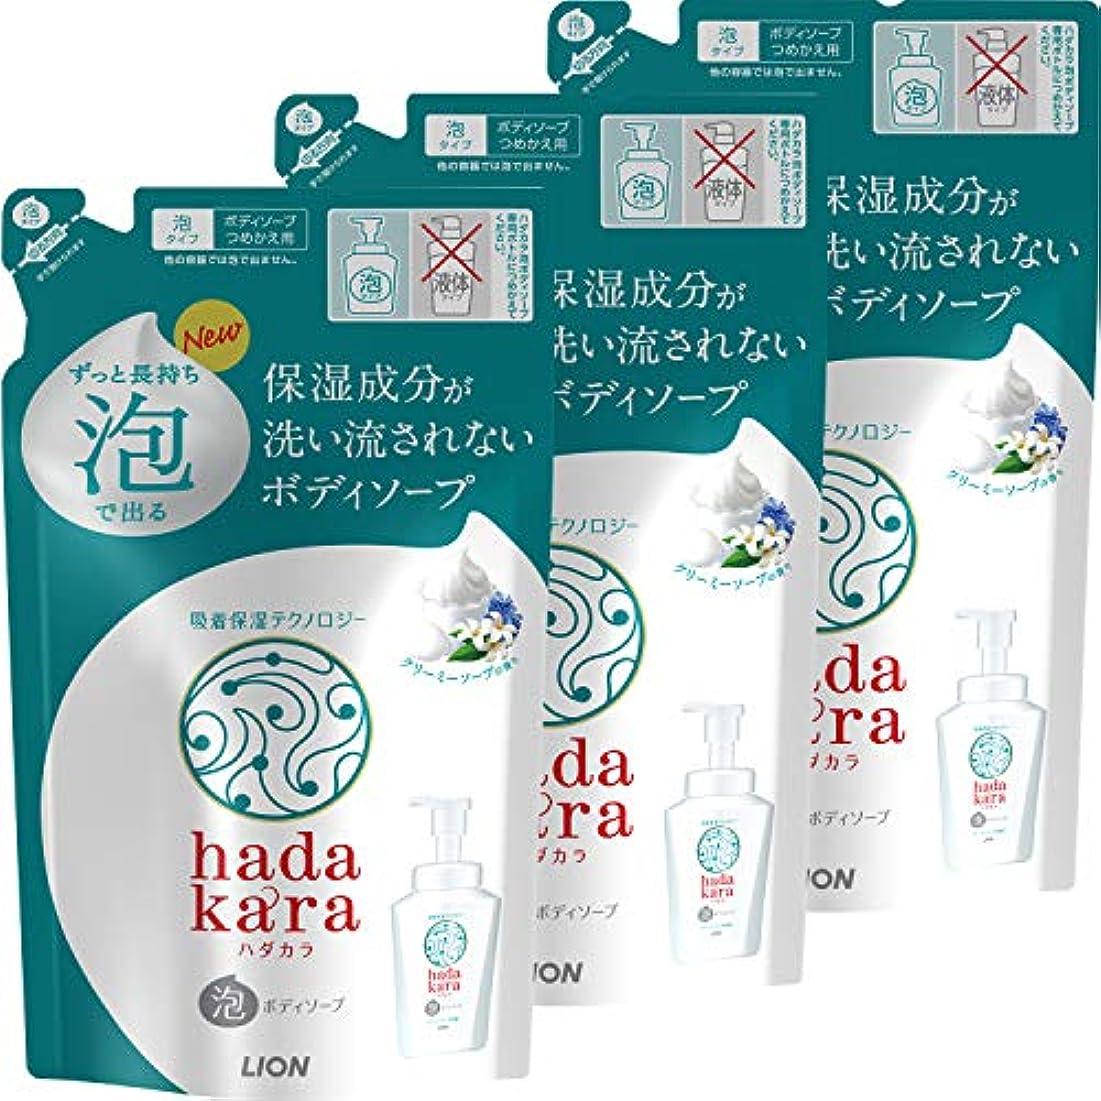 文芸下手しつけhadakara(ハダカラ) ボディソープ 泡タイプ クリーミーソープの香り 詰替440ml×3個